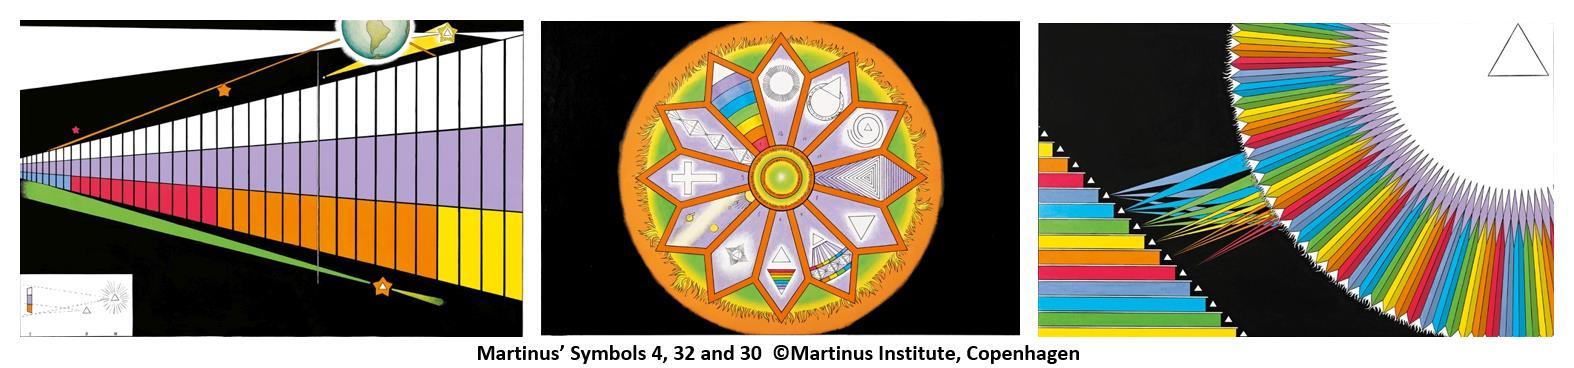 Martinus symboler 8, 32, 30 © Martinus Institut DK